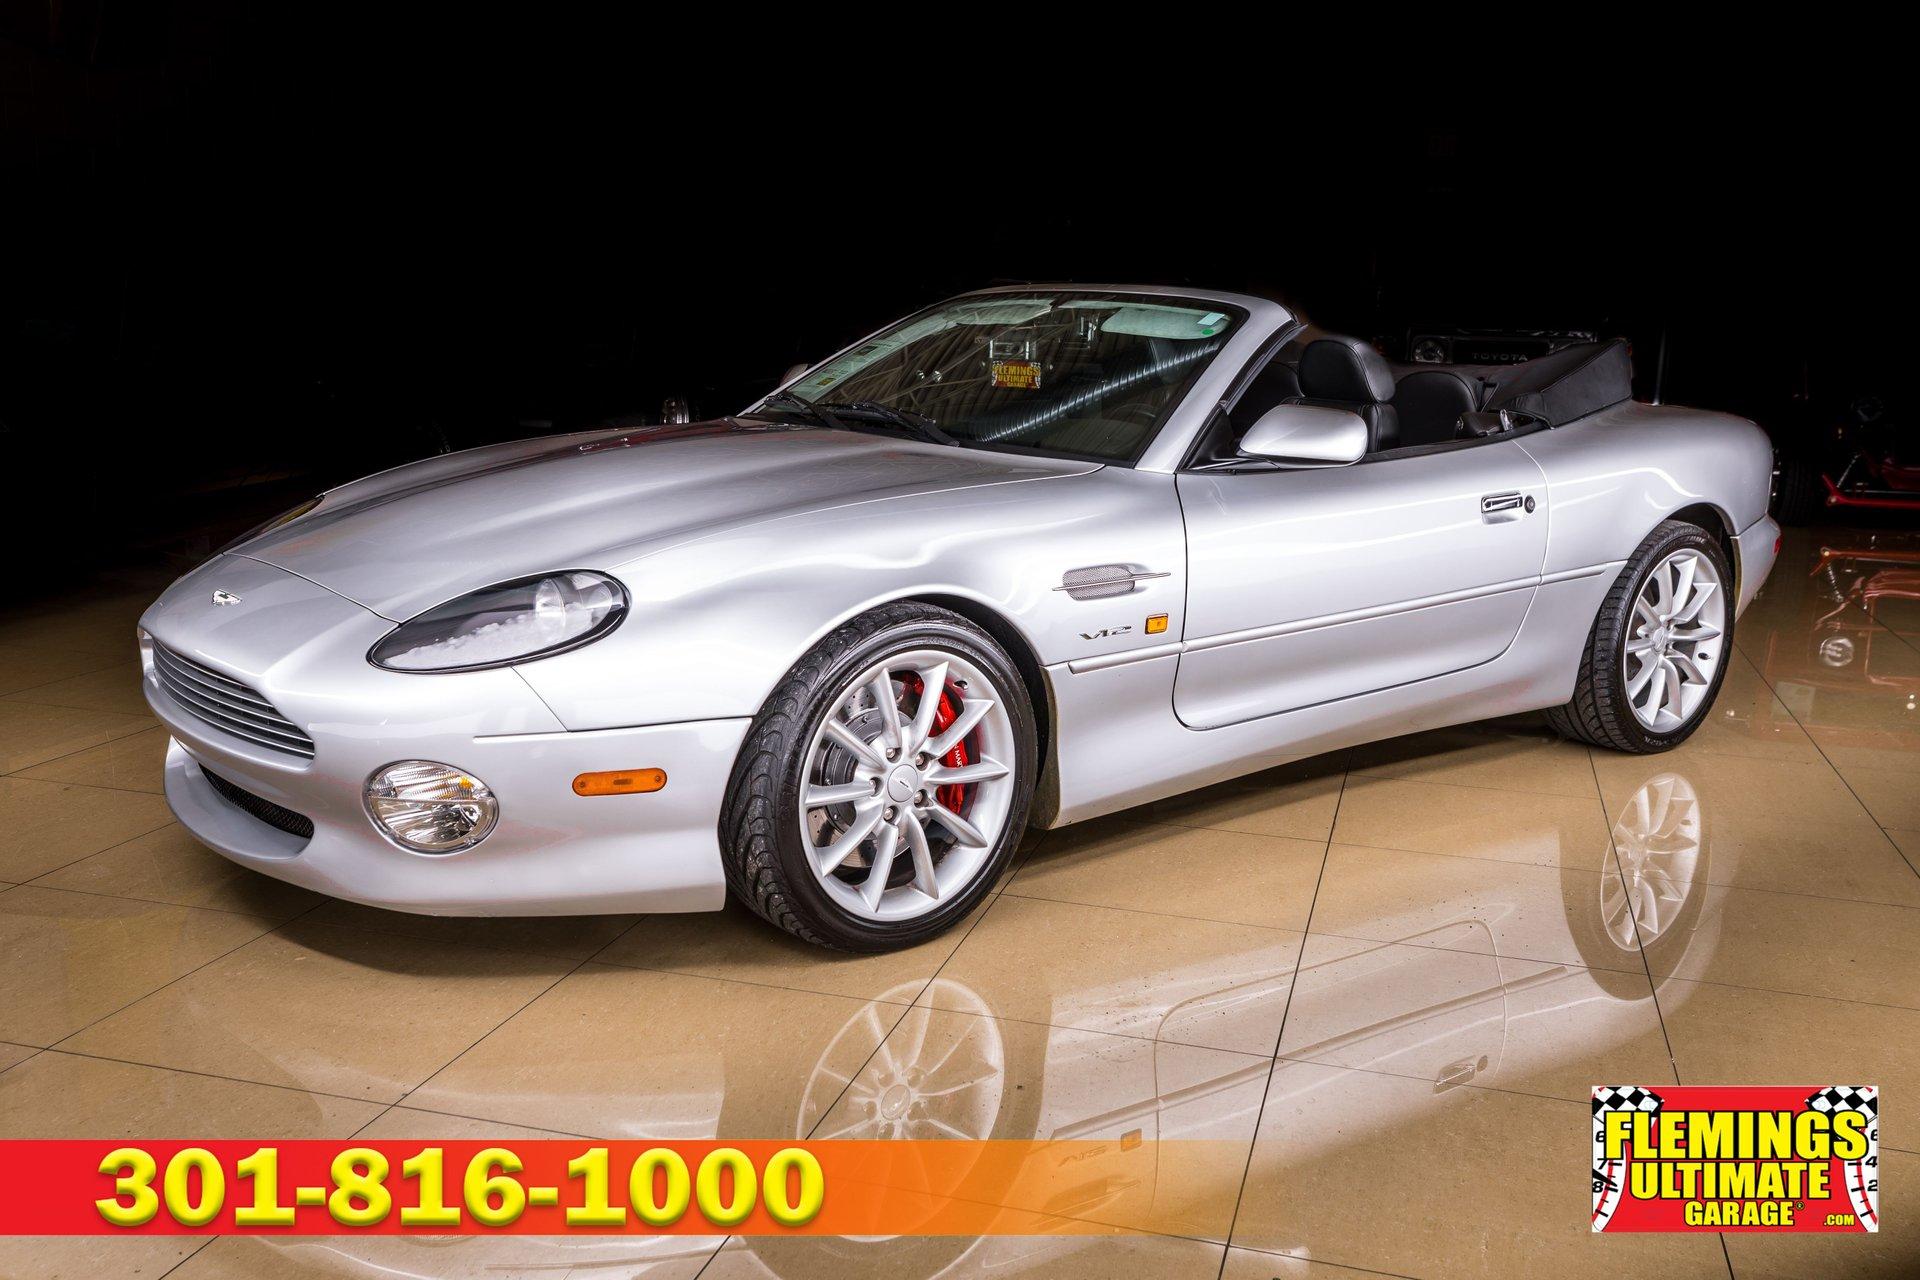 2000 Aston Martin Db7 Vantage Volante For Sale 229496 Motorious